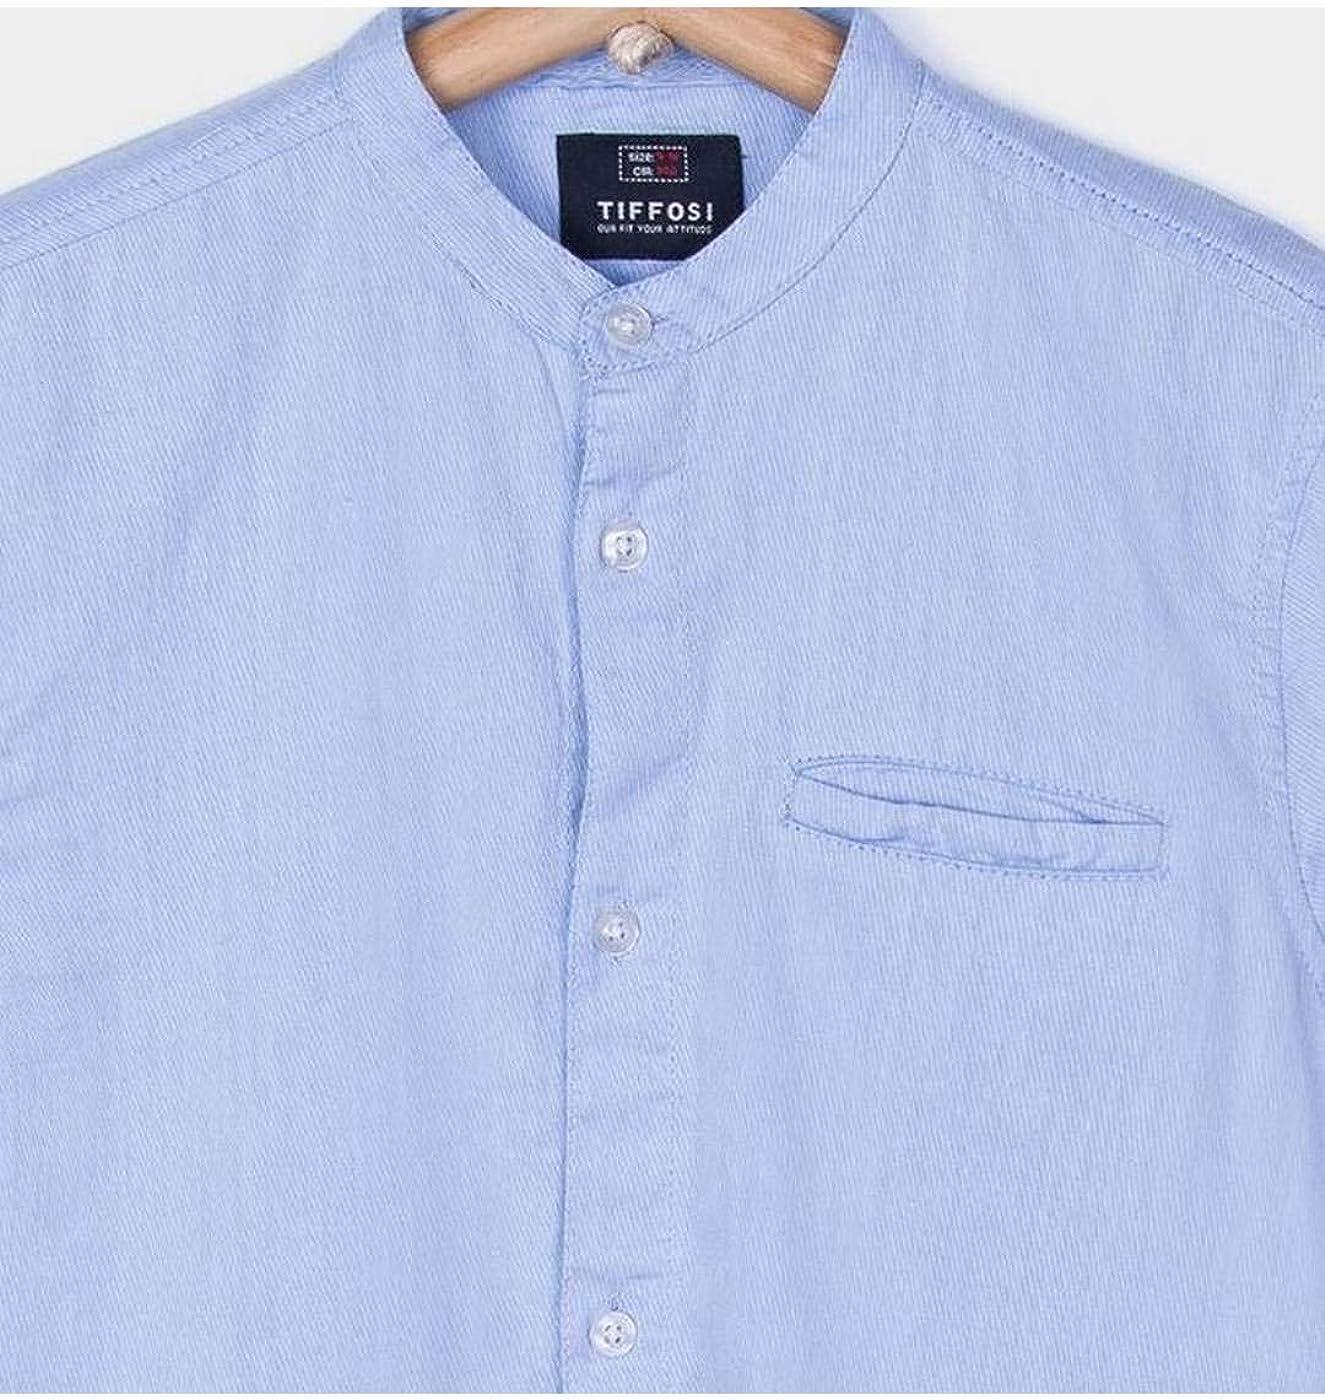 Tiffosi Camisa Niño Azul Celeste con DUARTES 10 Azul: Amazon.es: Ropa y accesorios